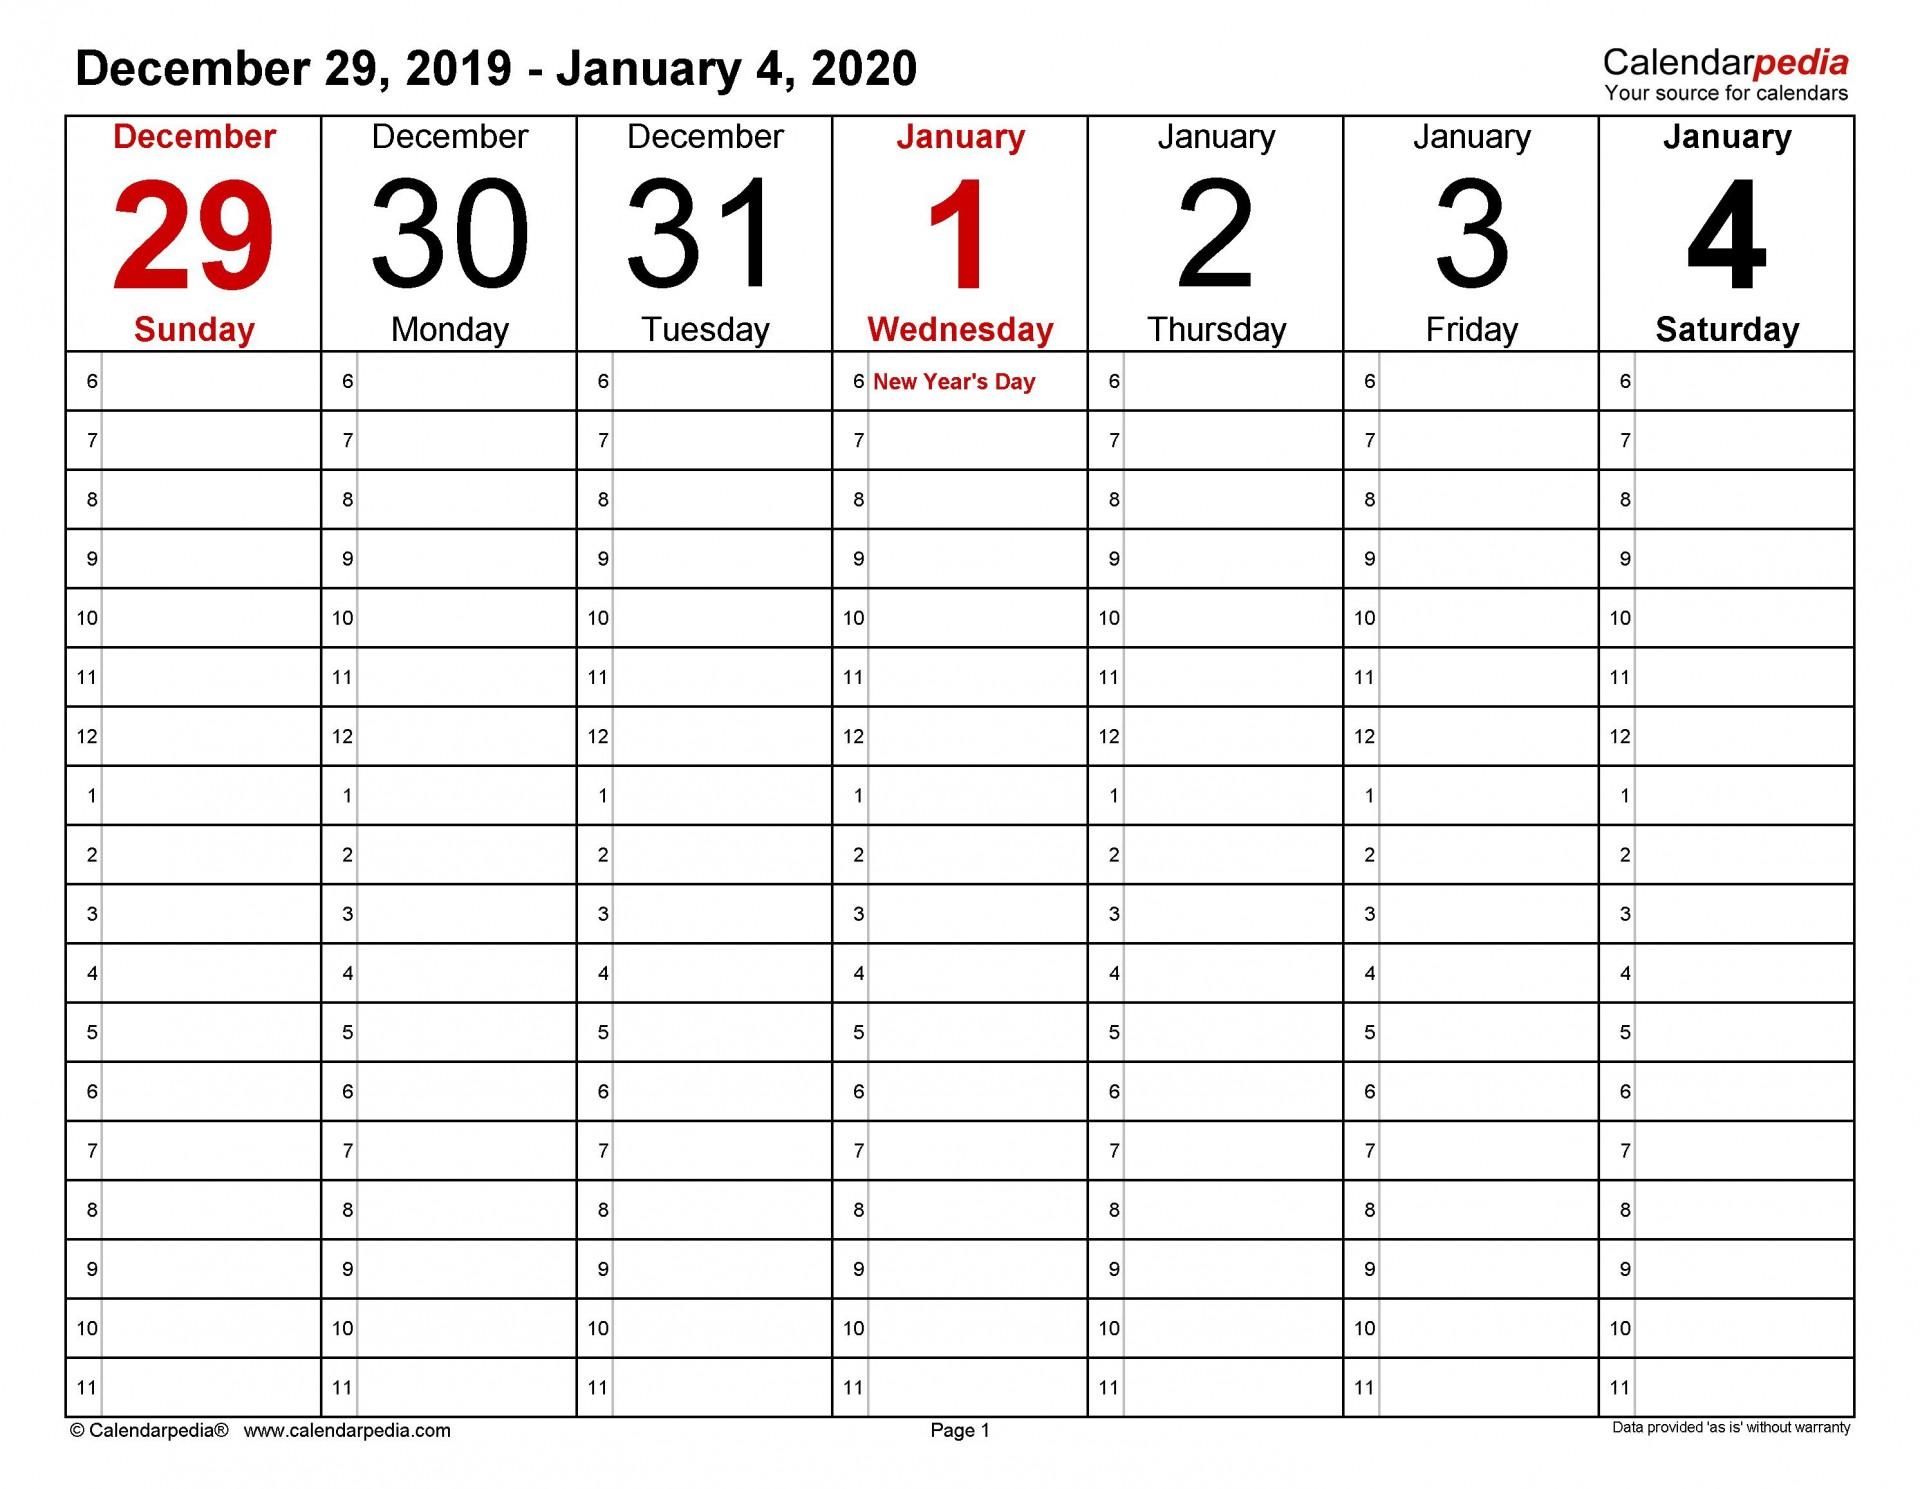 003 Stunning Weekly Calendar Template 2020 Sample  Printable Blank Free1920